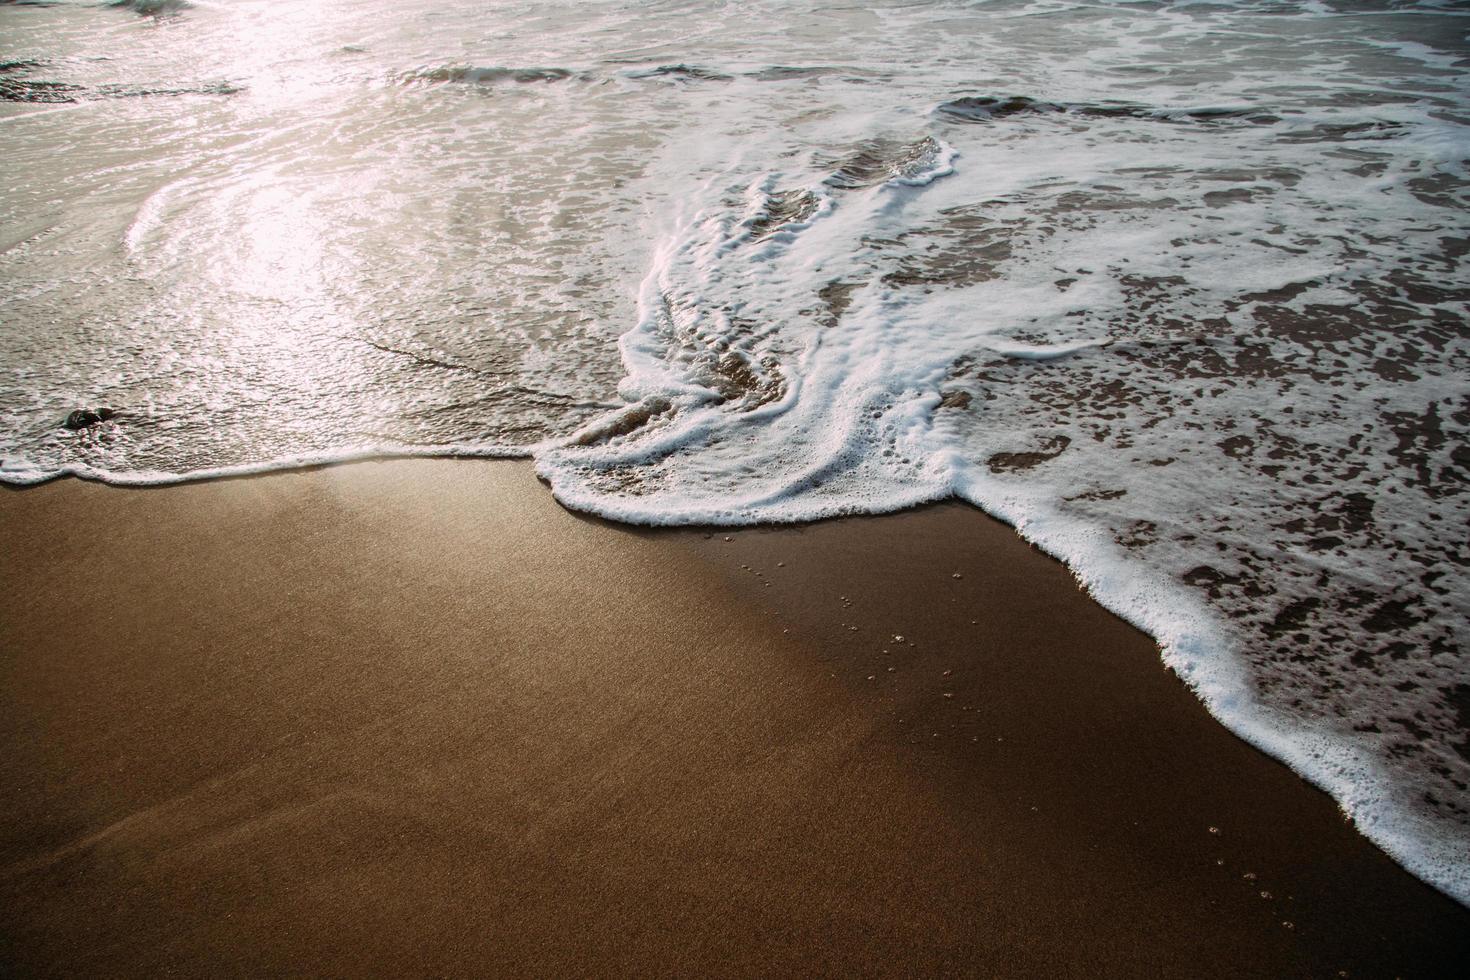 vagues scintillantes échouant sur la plage photo